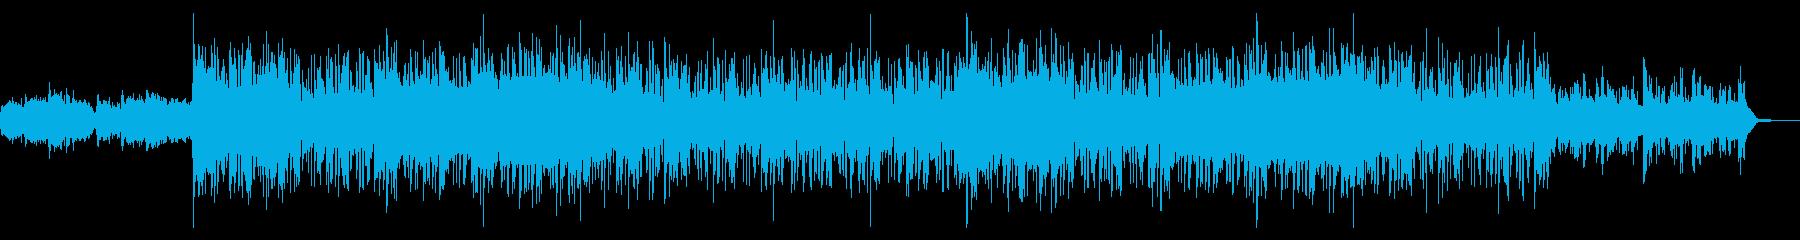 ミディアムダークなデジタルテクスチャの再生済みの波形